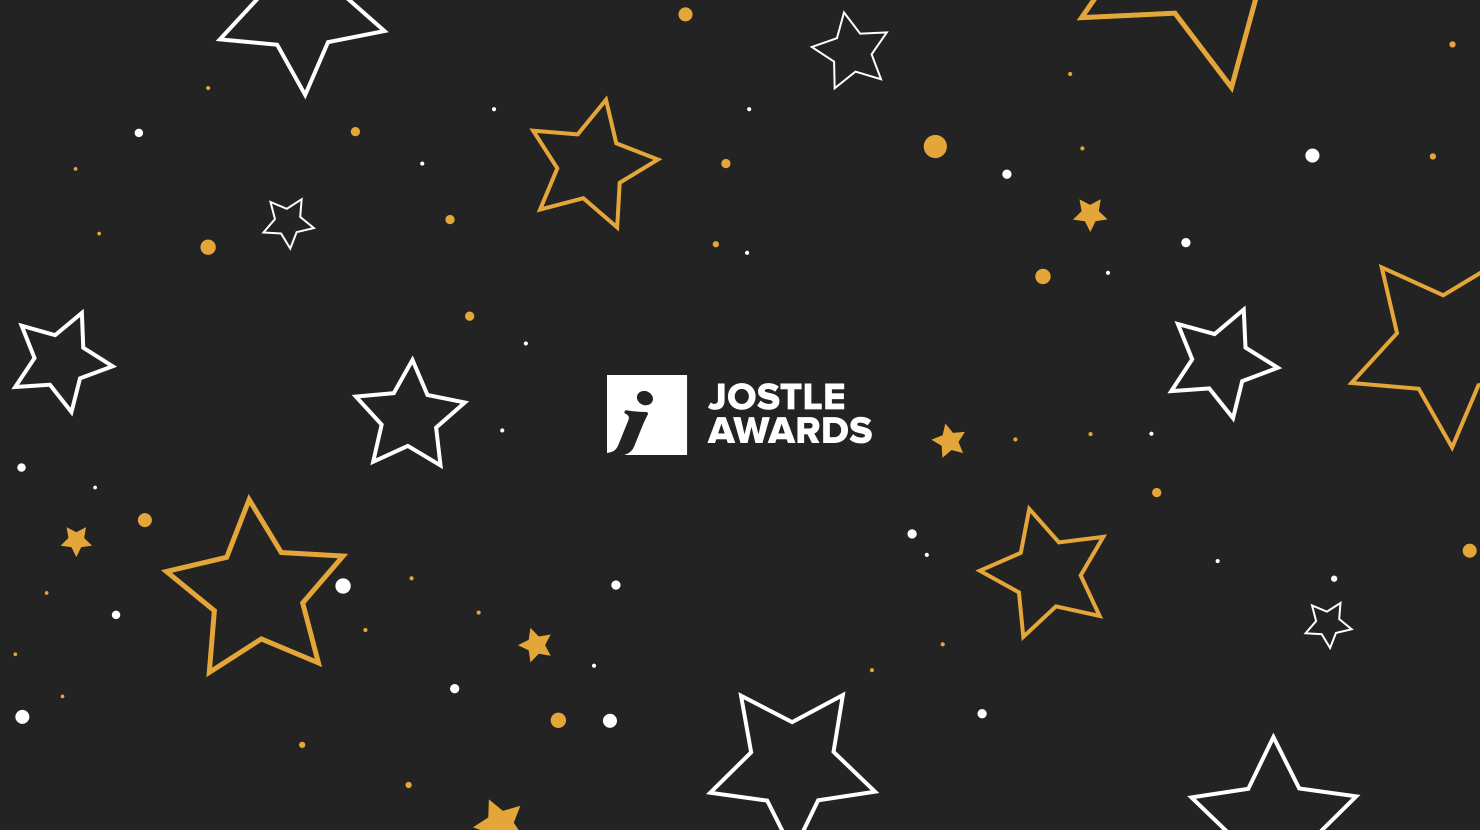 2018 Jostle Awards